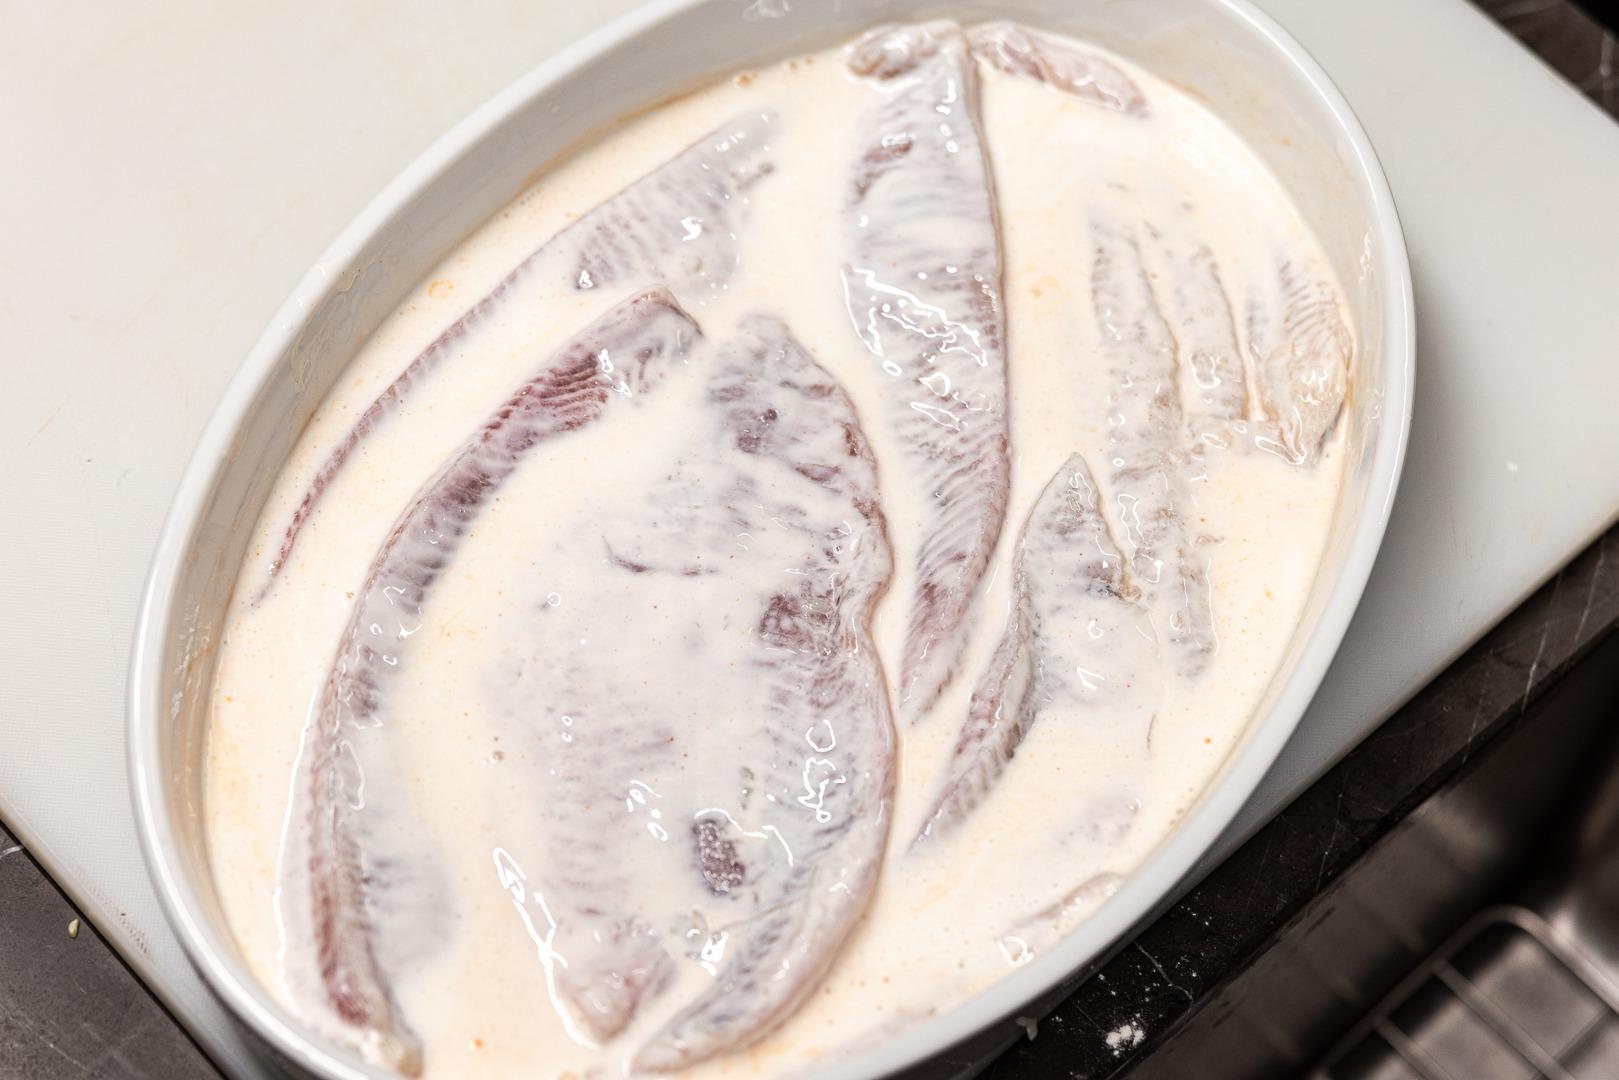 catfish in a buttermilk bath